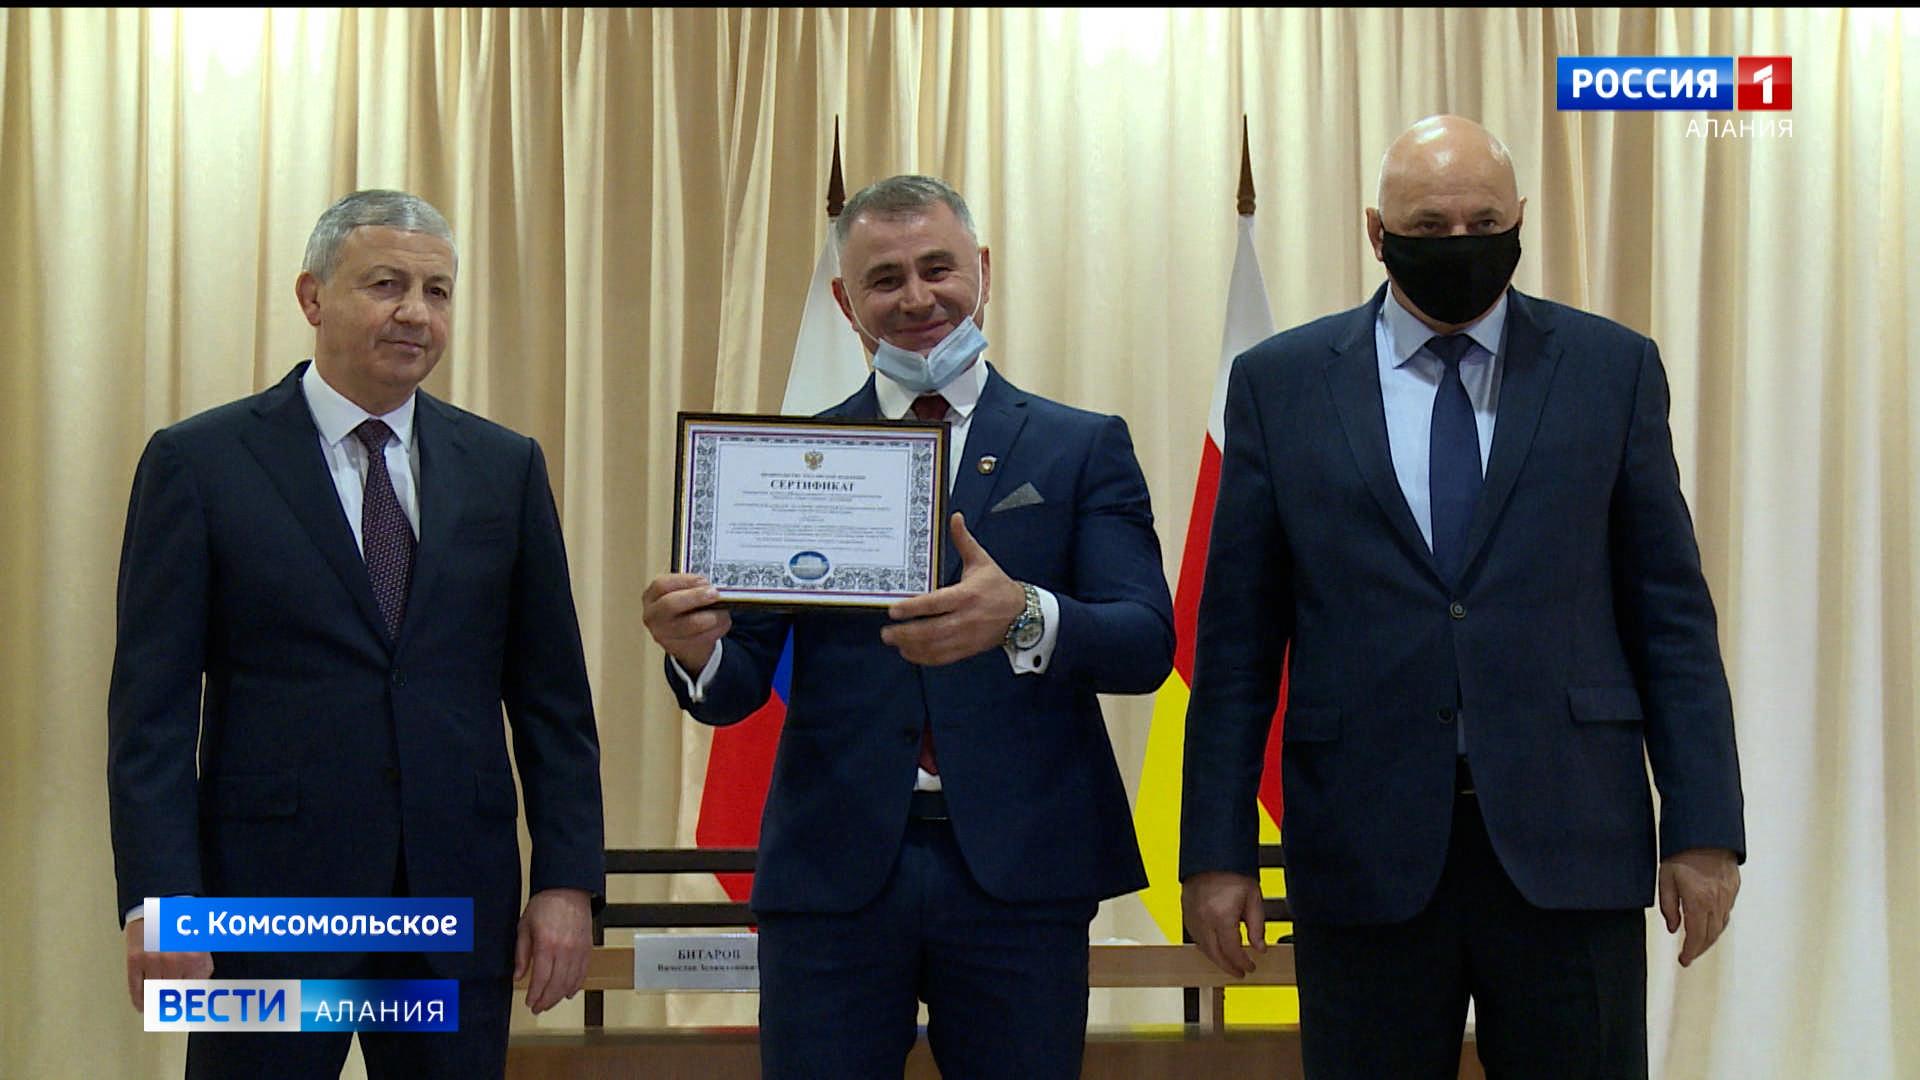 Селение Комсомольское получило 15 млн рублей по итогам Всероссийского конкурса «Лучшая муниципальная практика»